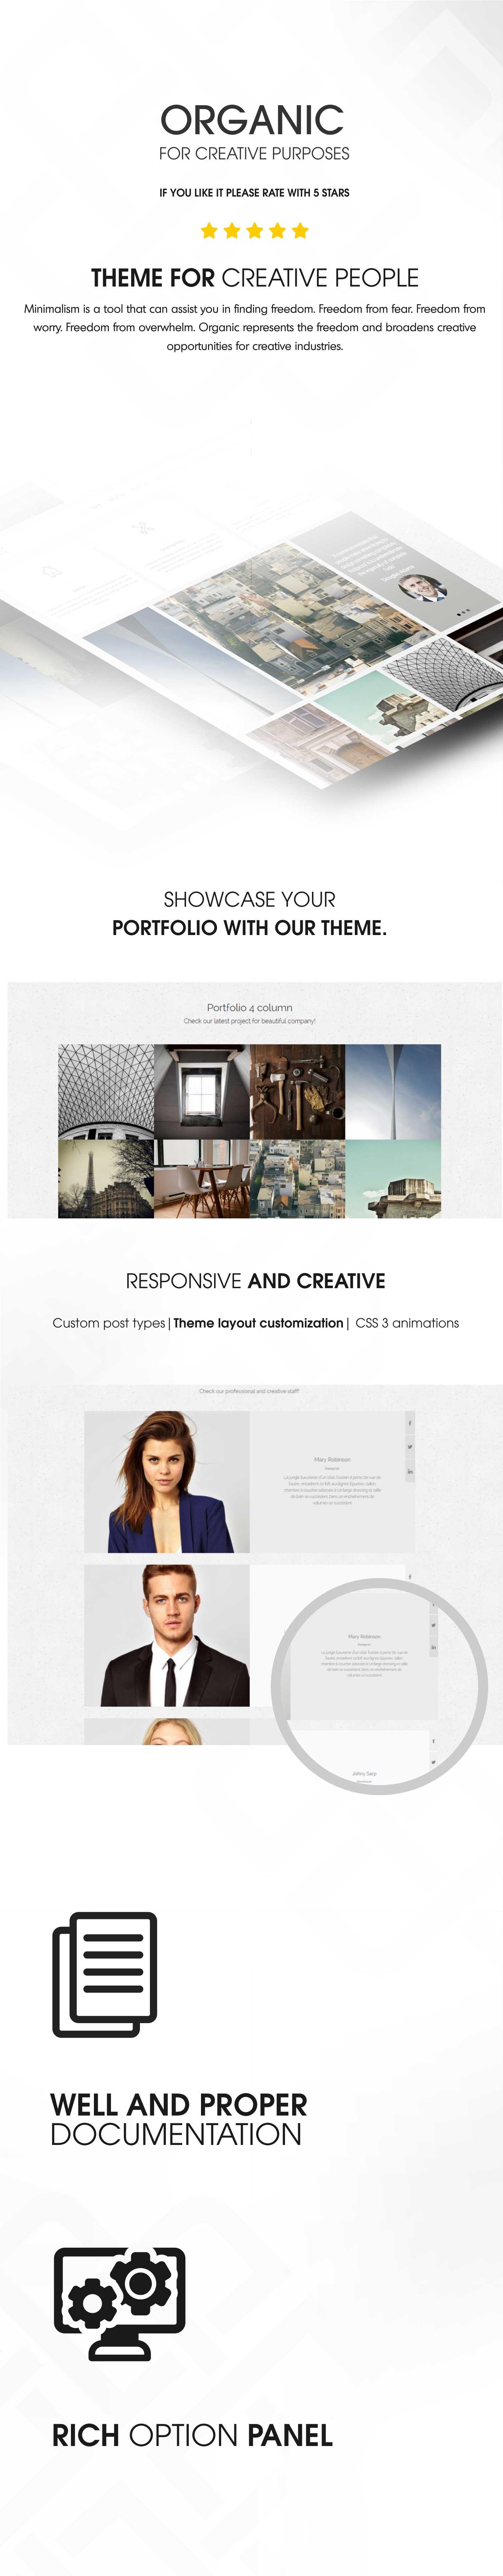 Organisch - Architektur & Motive WordPress Layout